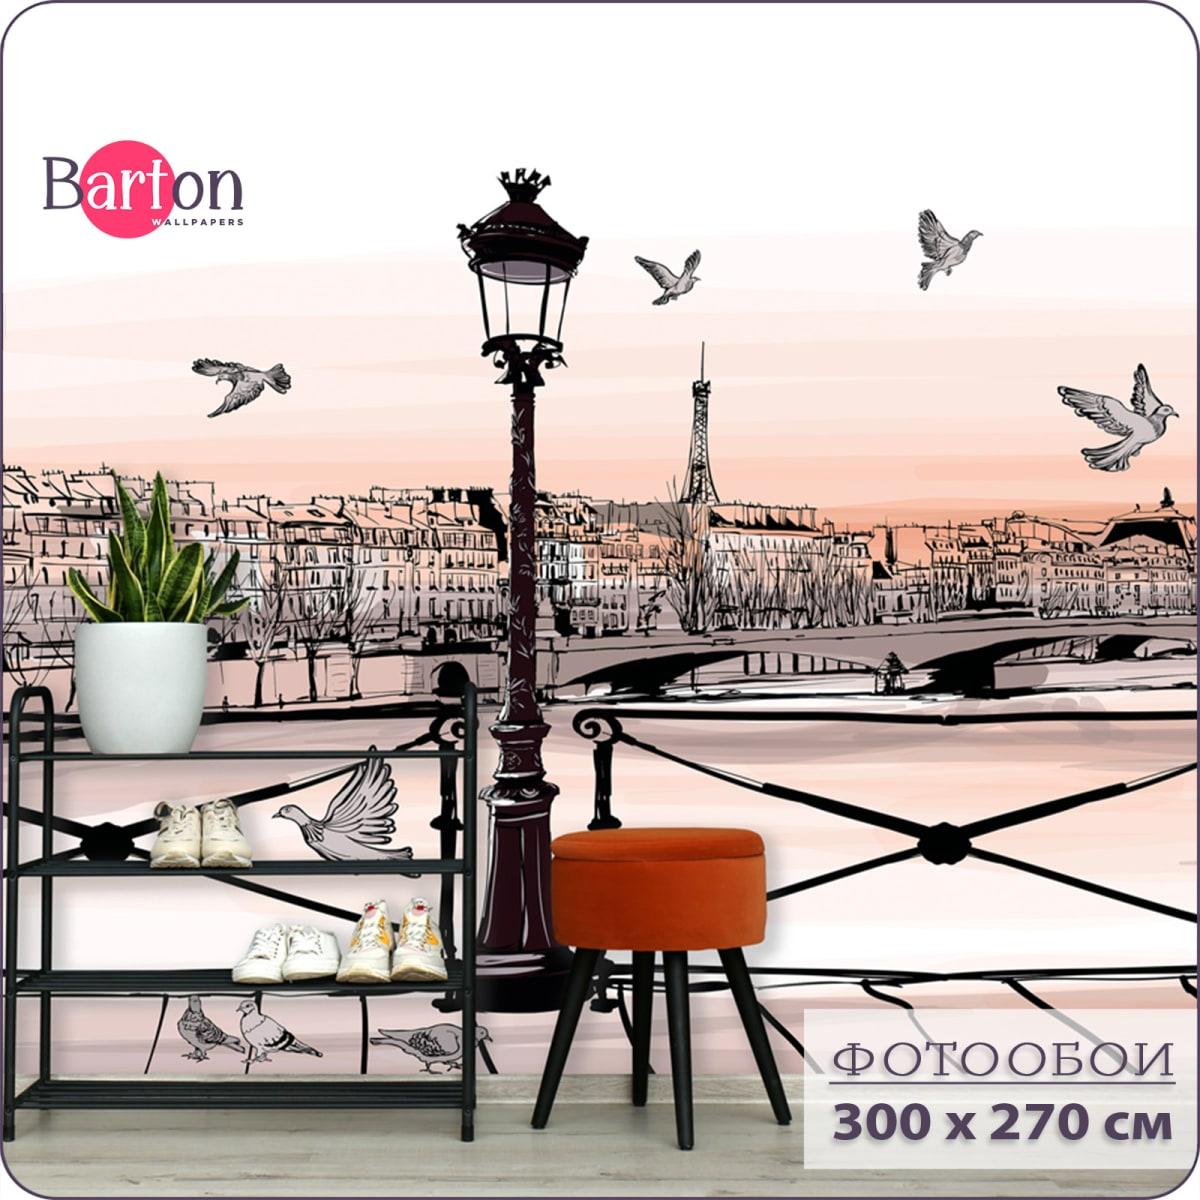 пробую печать панорамных фотографий в санкт петербурге пазлов